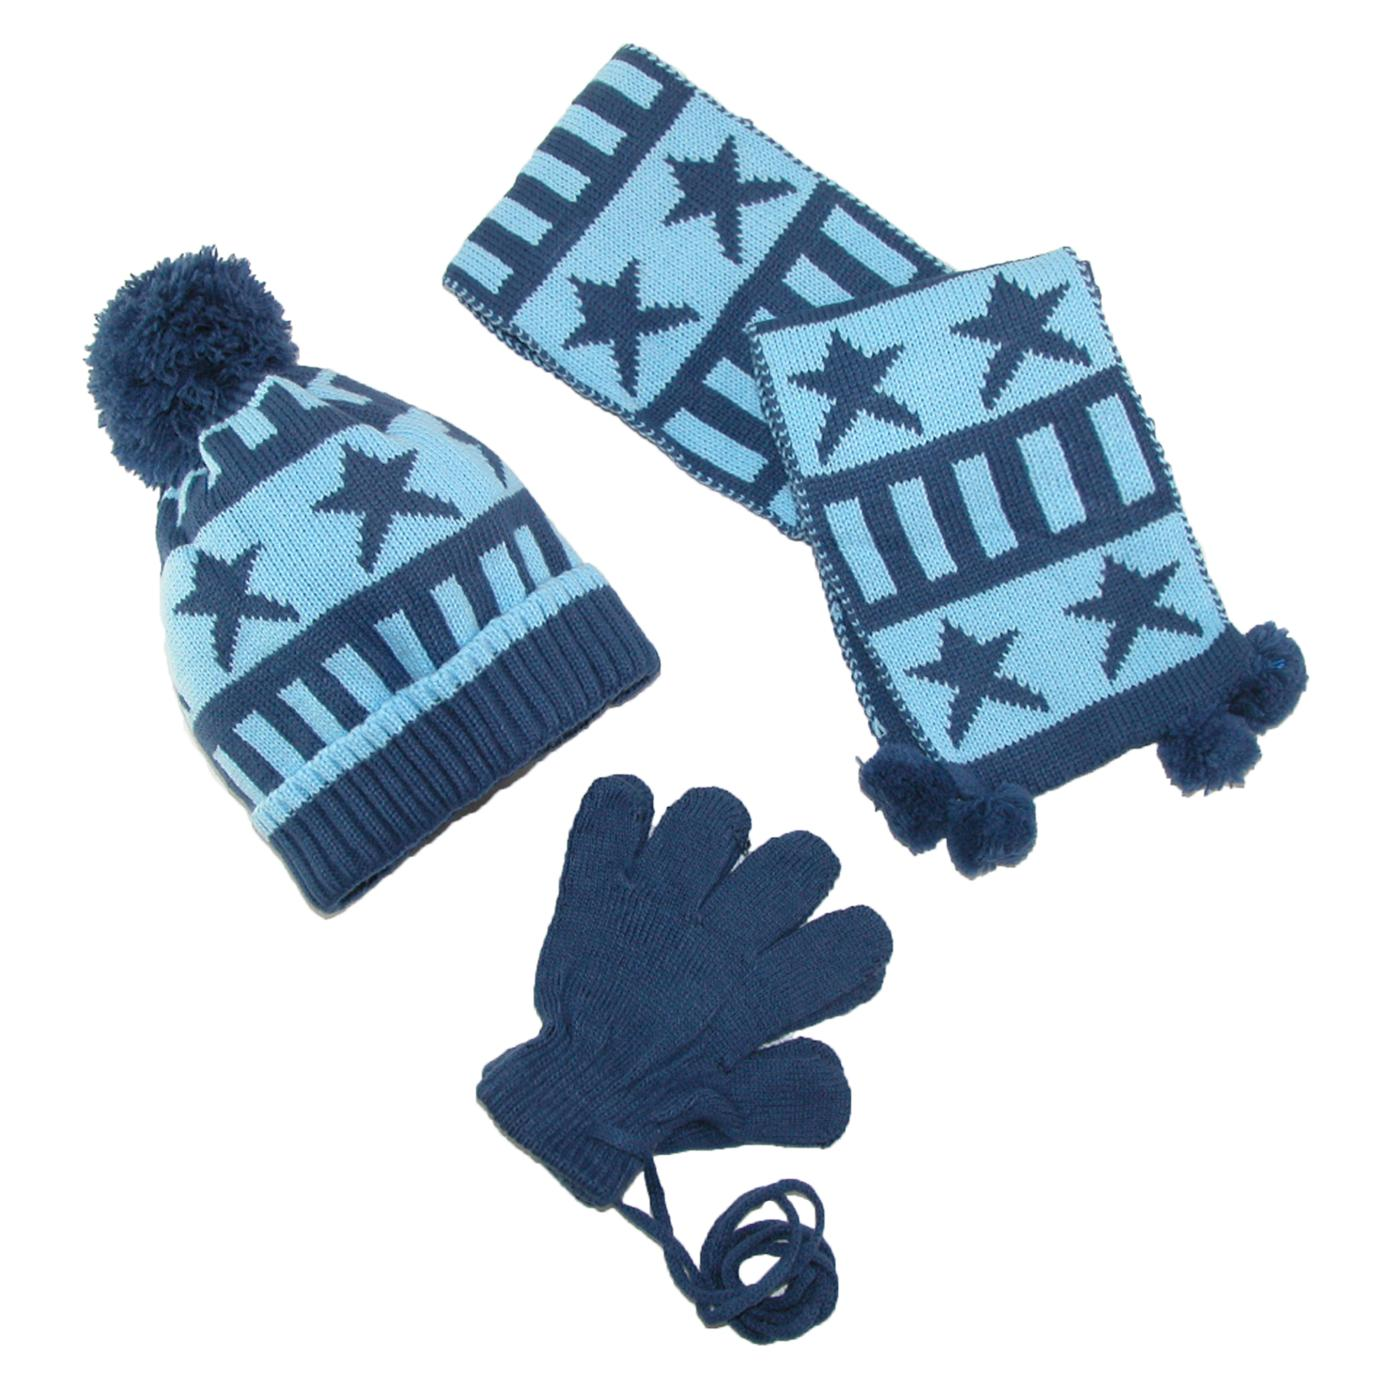 Glove clipart wool hat Best Gloves Hats Blue kids